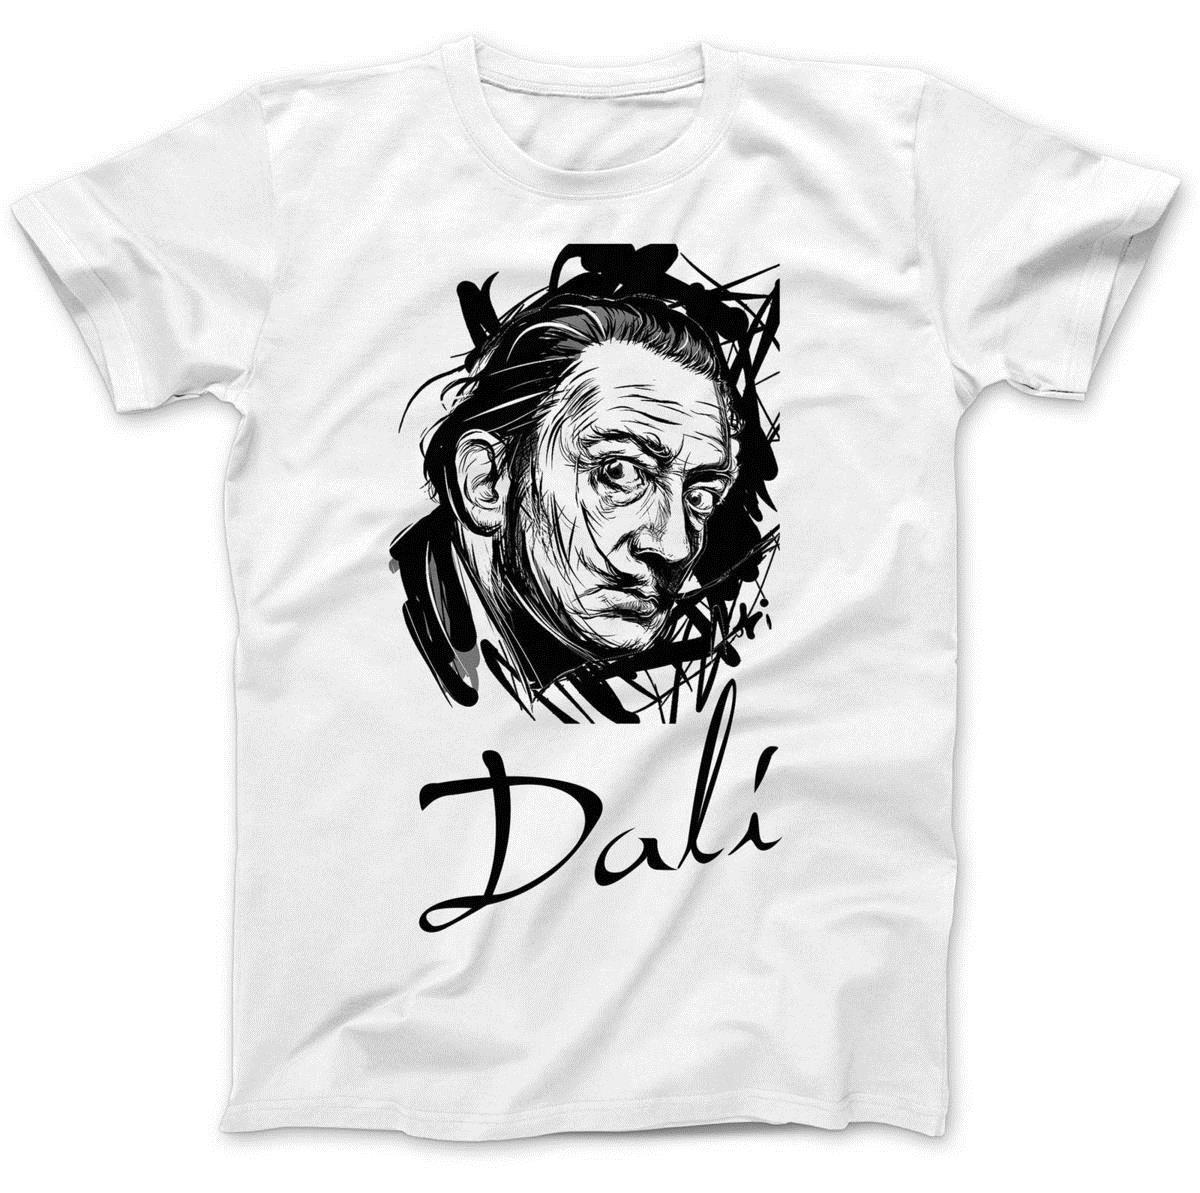 Compre Camiseta Tributo Salvador Dali 100% Algodón Premium Surrealismo Los  Elefantes A  11.21 Del Amesion36  263333288ef9e